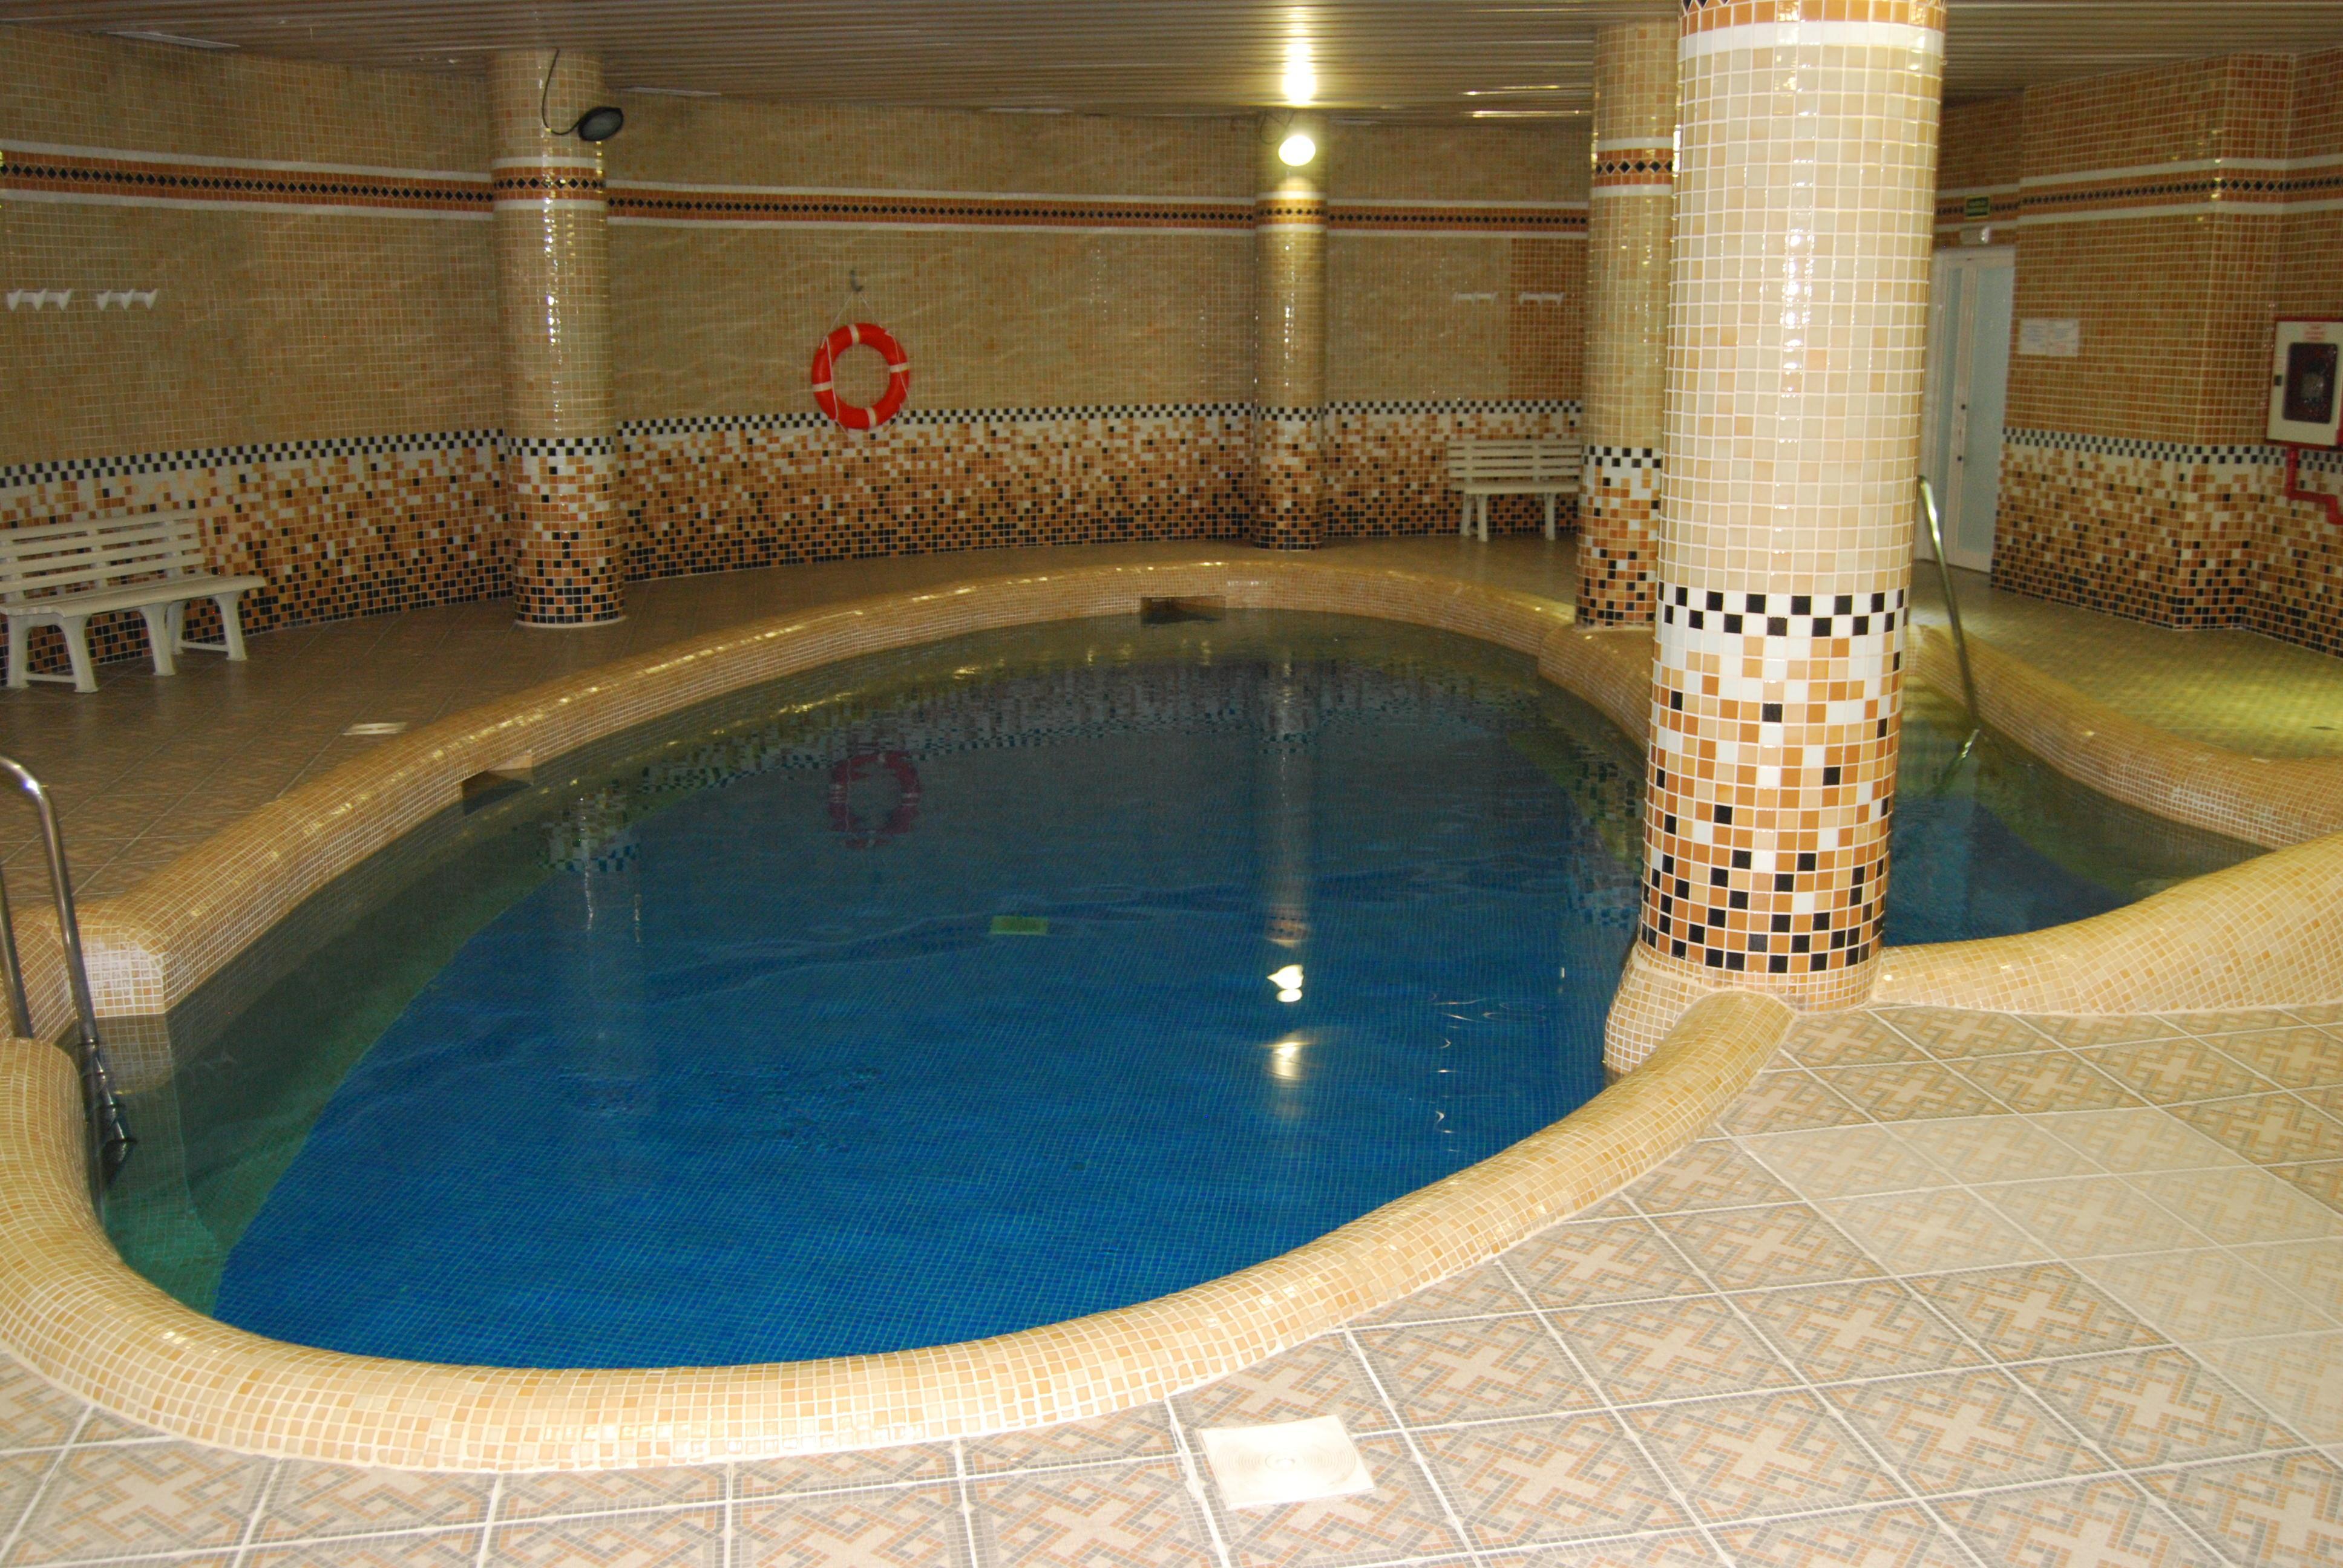 Vila real palace hotel villareal desde 31 logitravel for Piscina villarreal